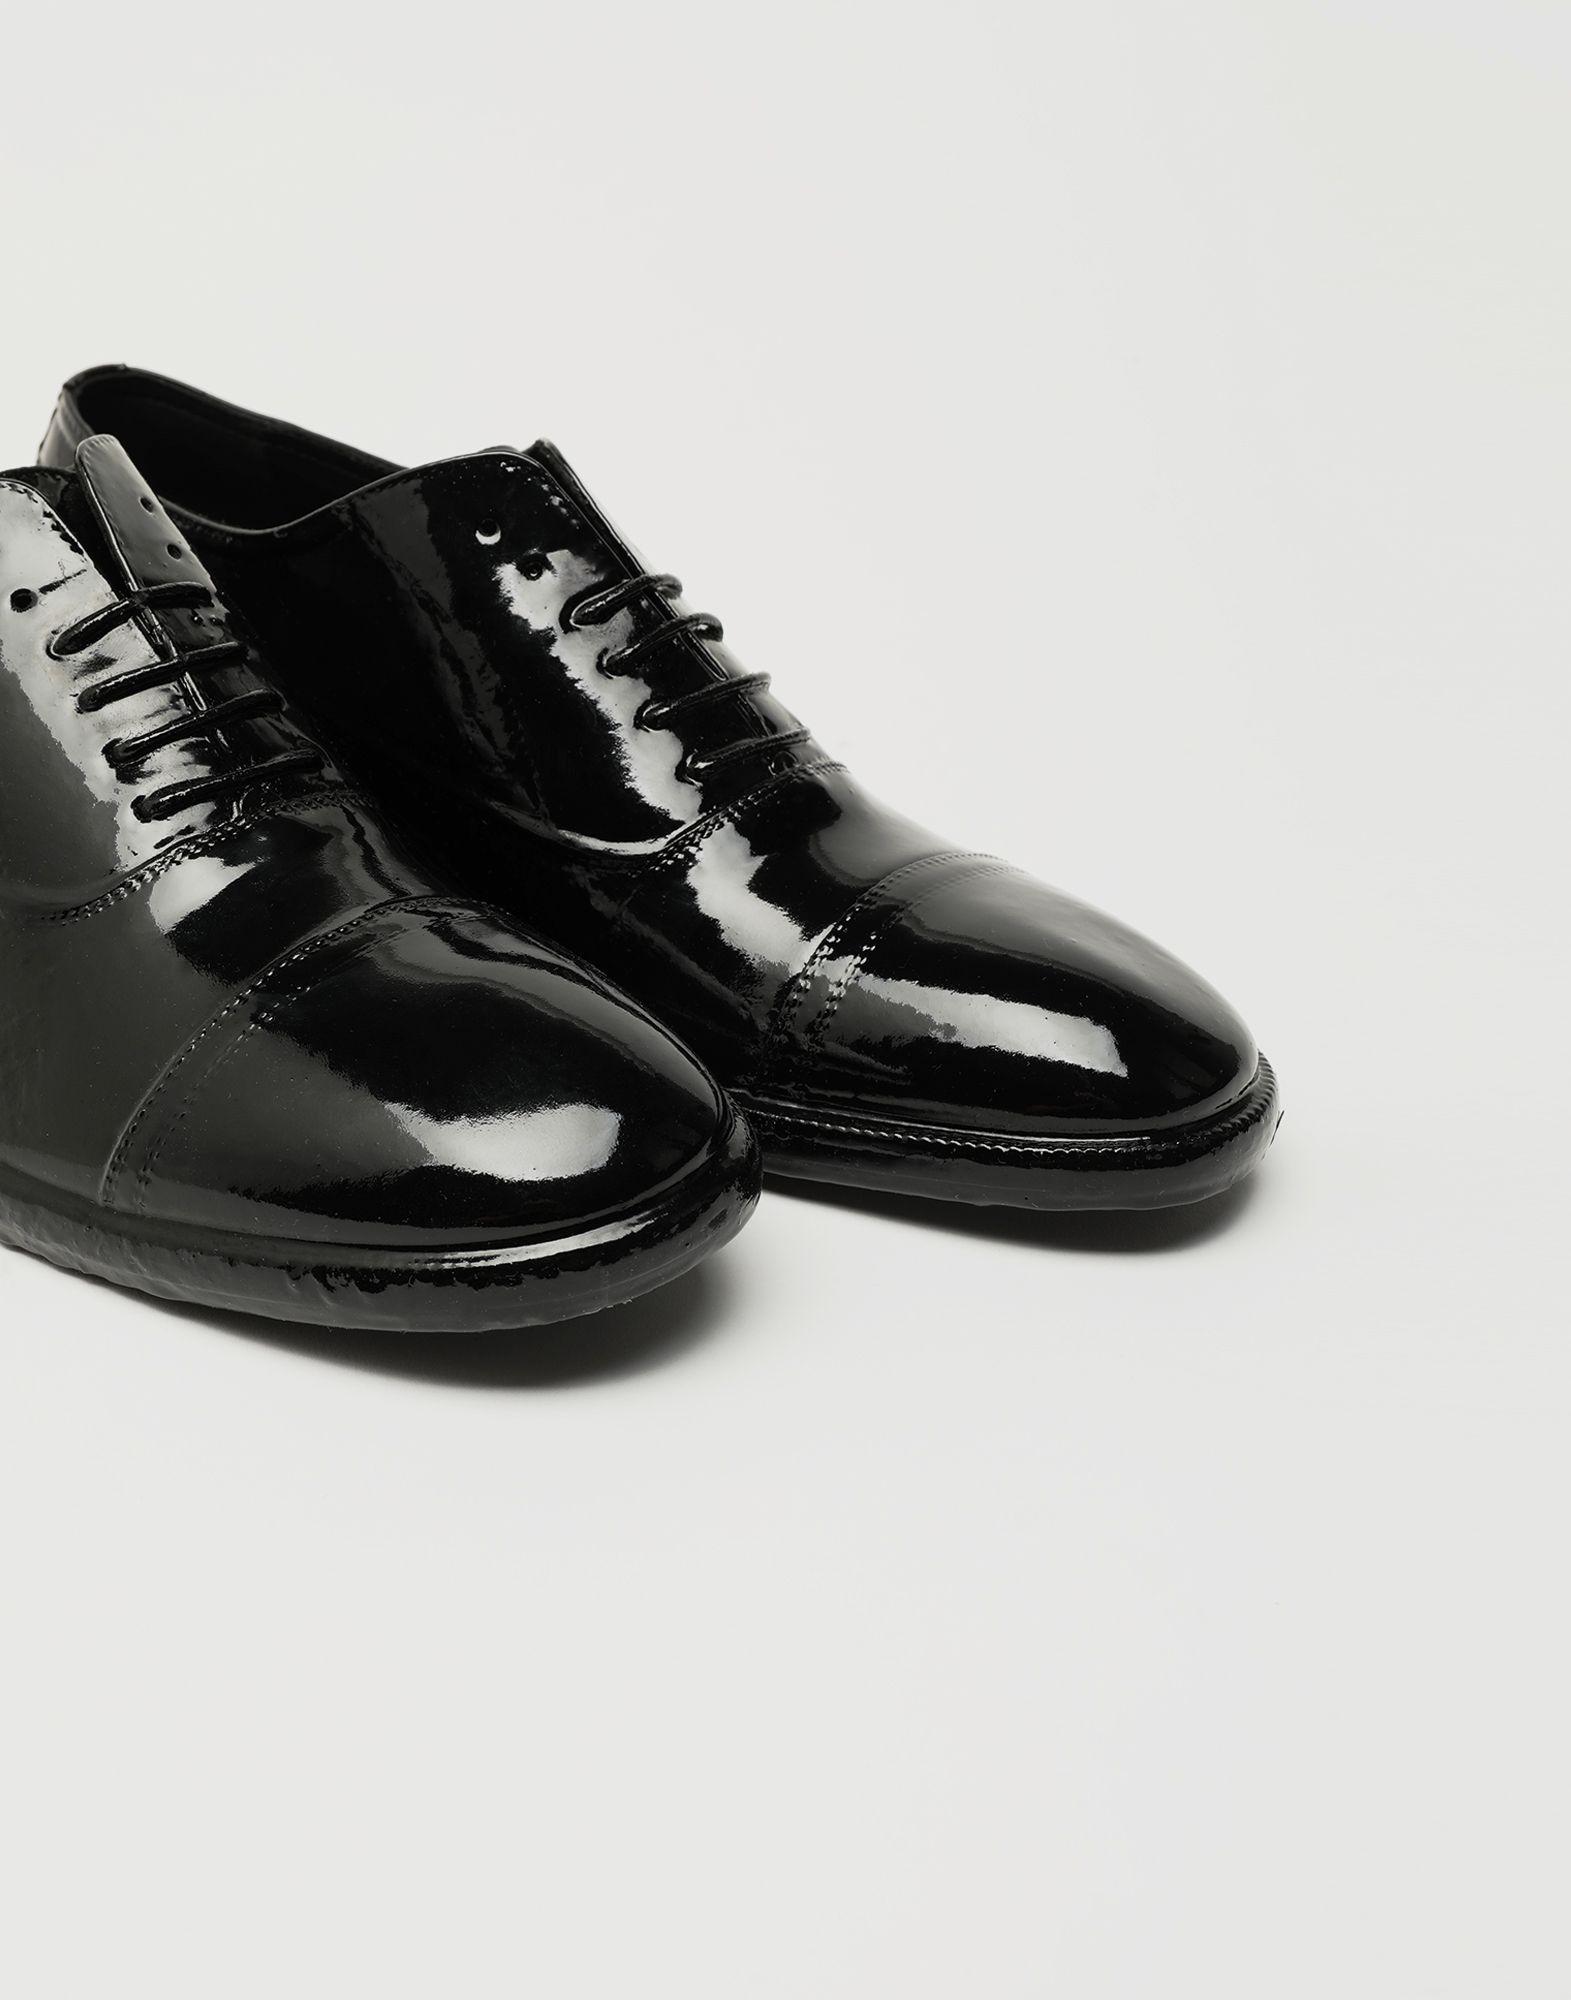 MAISON MARGIELA Plastic Casting Treatment lace-up shoes Laced shoes Man e